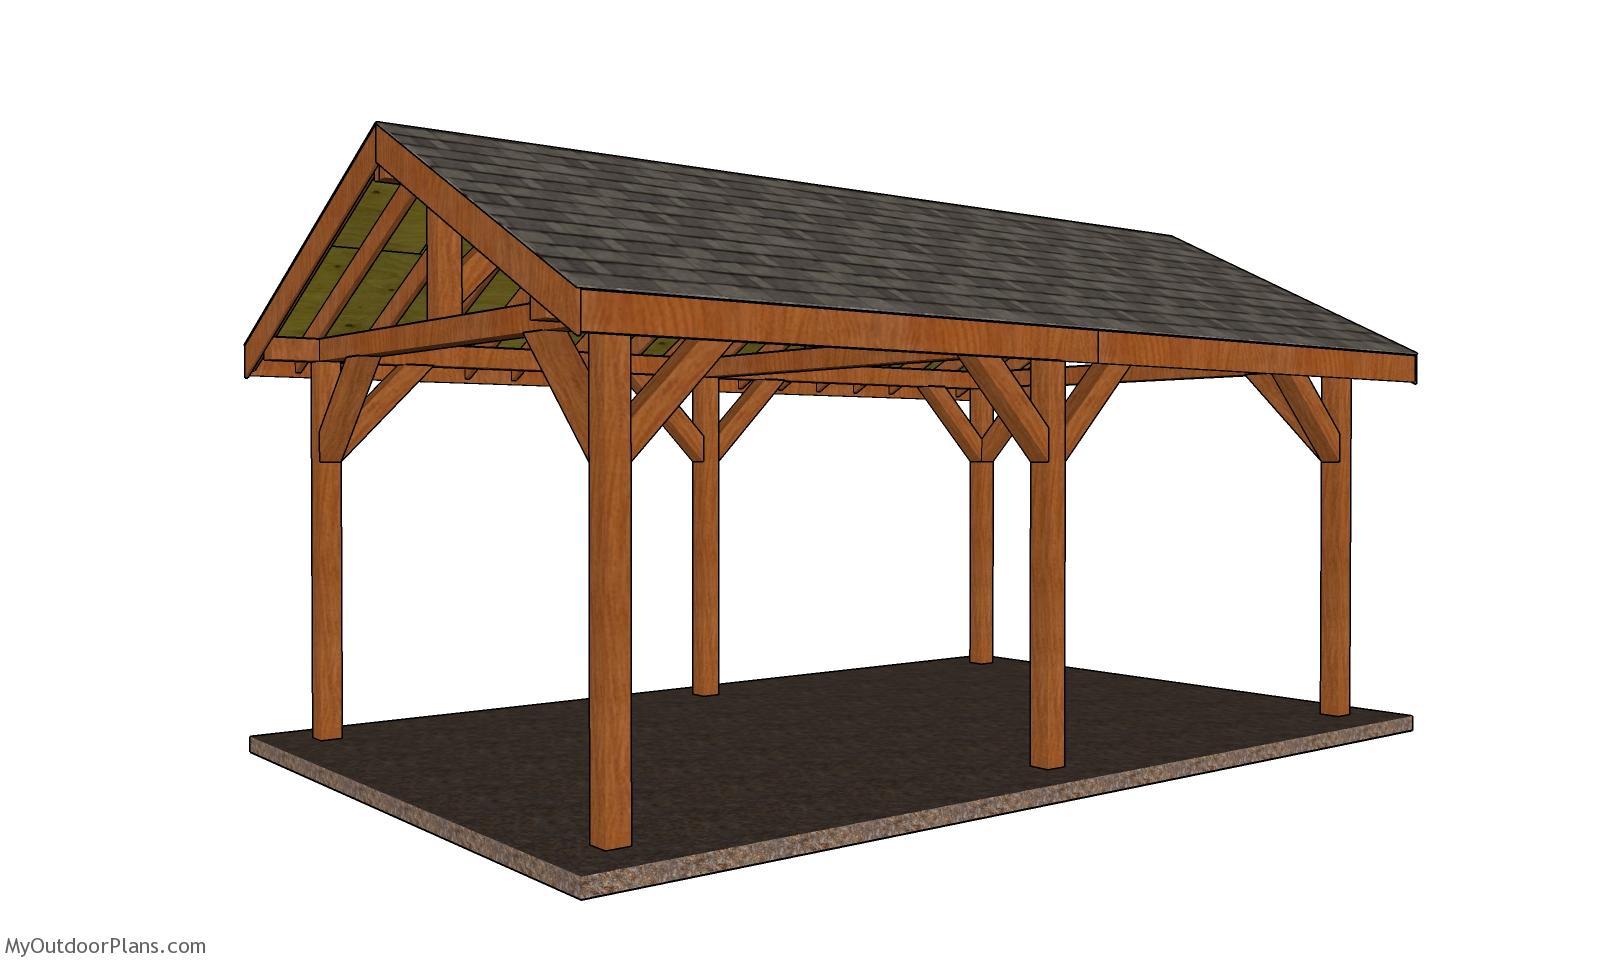 12x20 Pavilion - Free DIY Plans